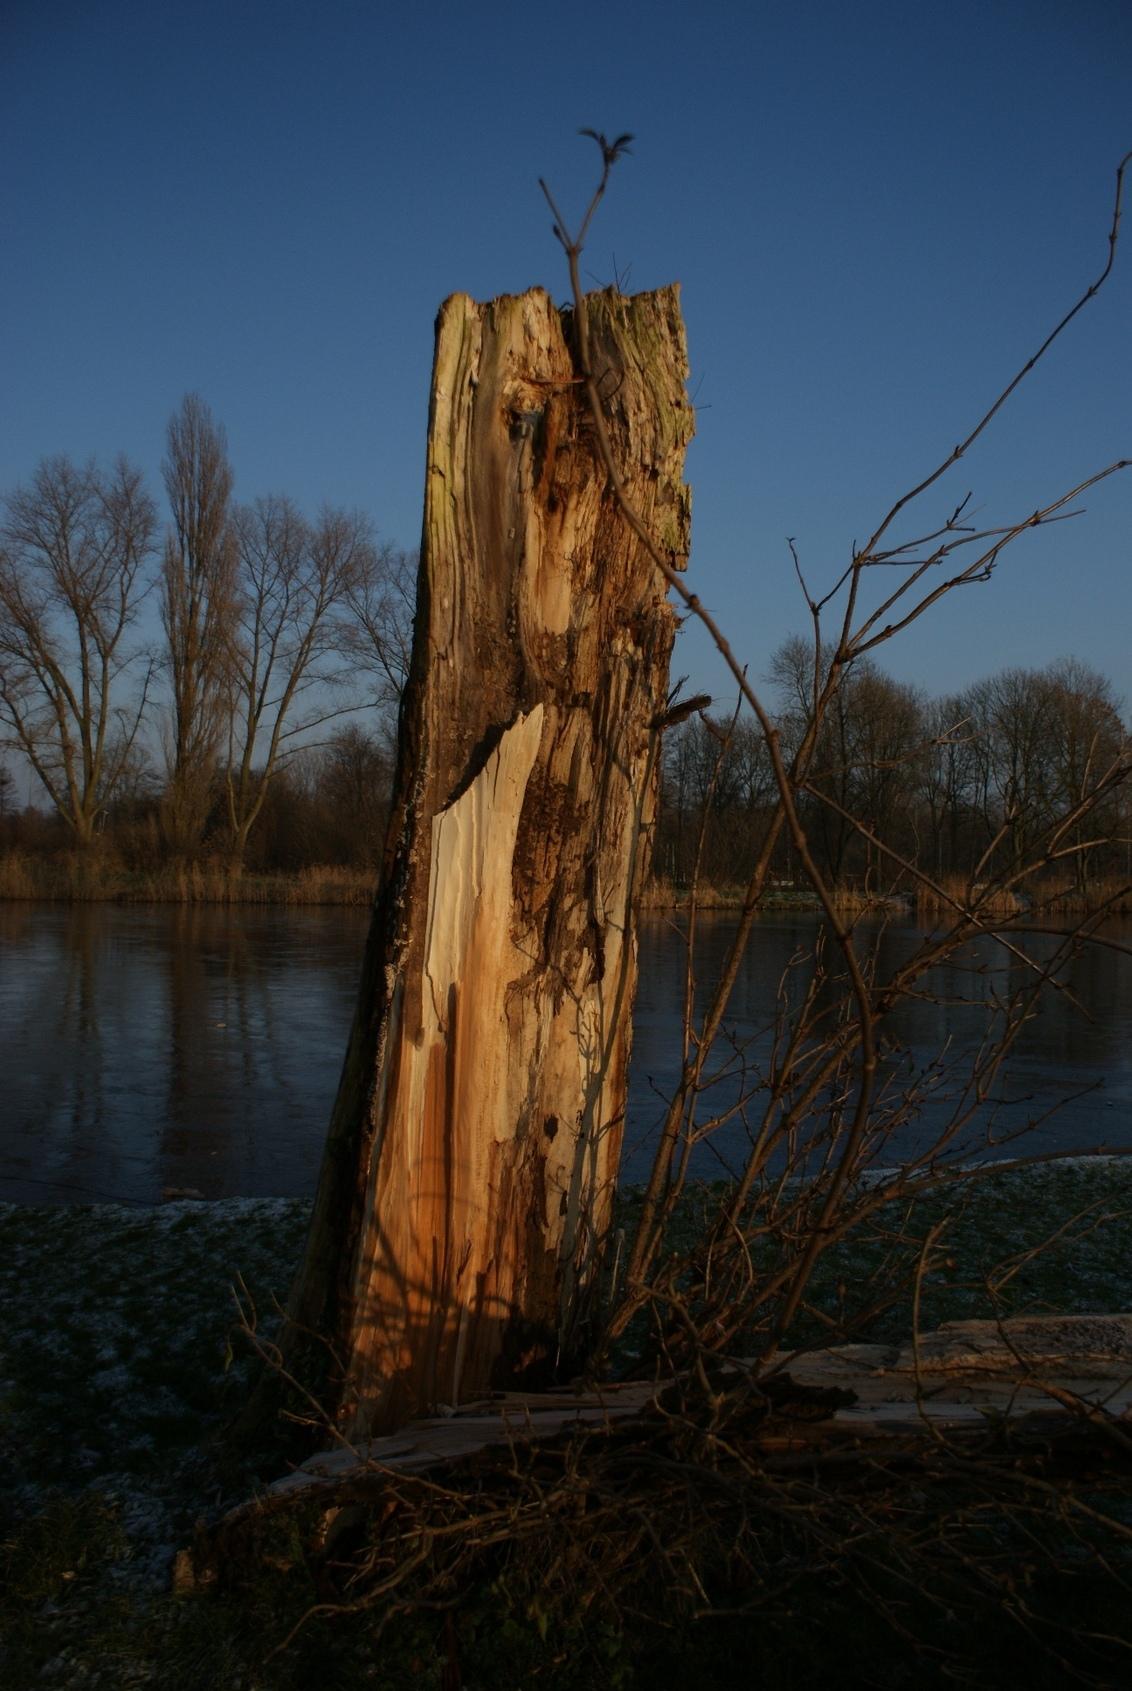 Nature 10 - Dit is een serie over de natuur in Noord-Holland. Fraai landschap vastgelegd met briljante opnames.  Ijzige middag samen met Erik (Kire op Zoom). - foto door maarten1971 op 02-01-2009 - deze foto bevat: do, sony, ijzig, alpha, oostzaan, twiske, kou-